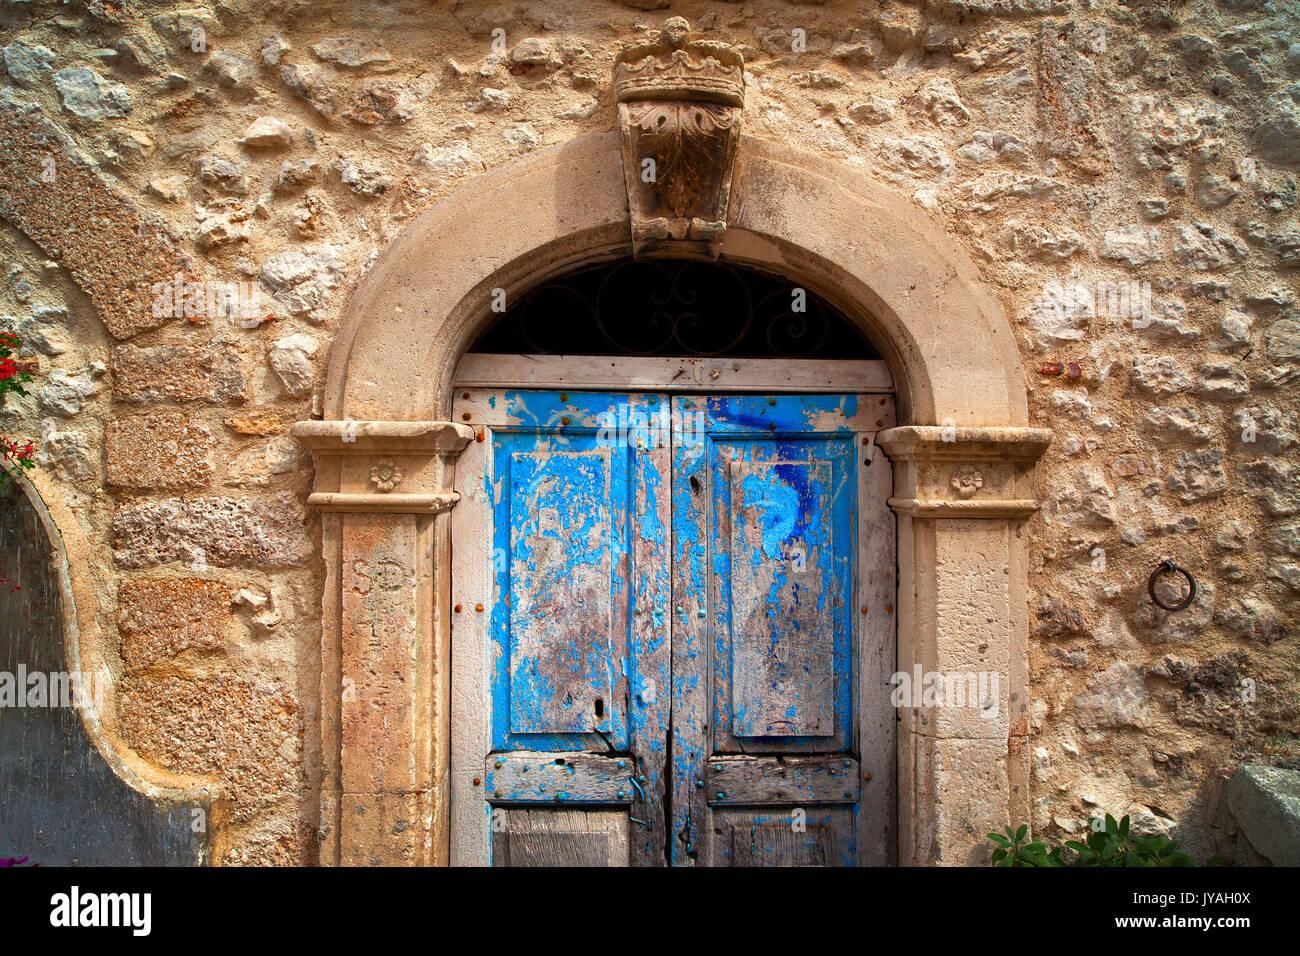 Vecchie porte in legno nella regione Abruzzo d'Italia. Immagini Stock